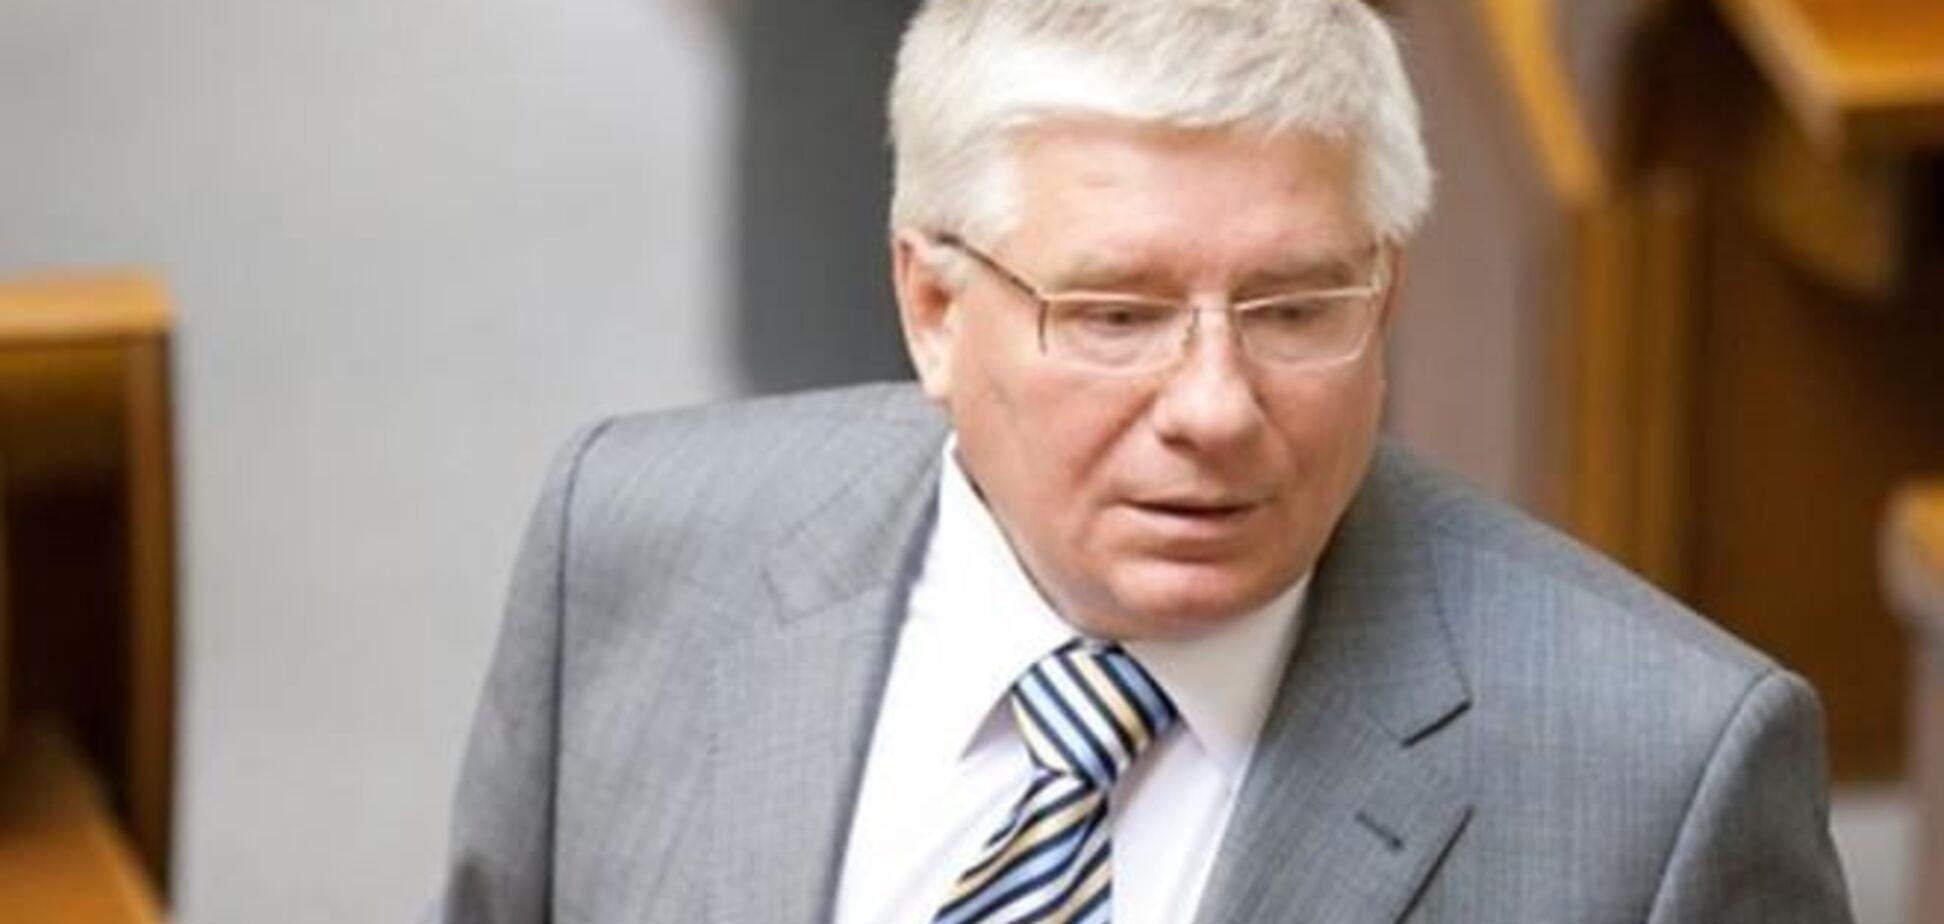 Чечетов: на должность премьера рассматриваются кандидаты не из политики